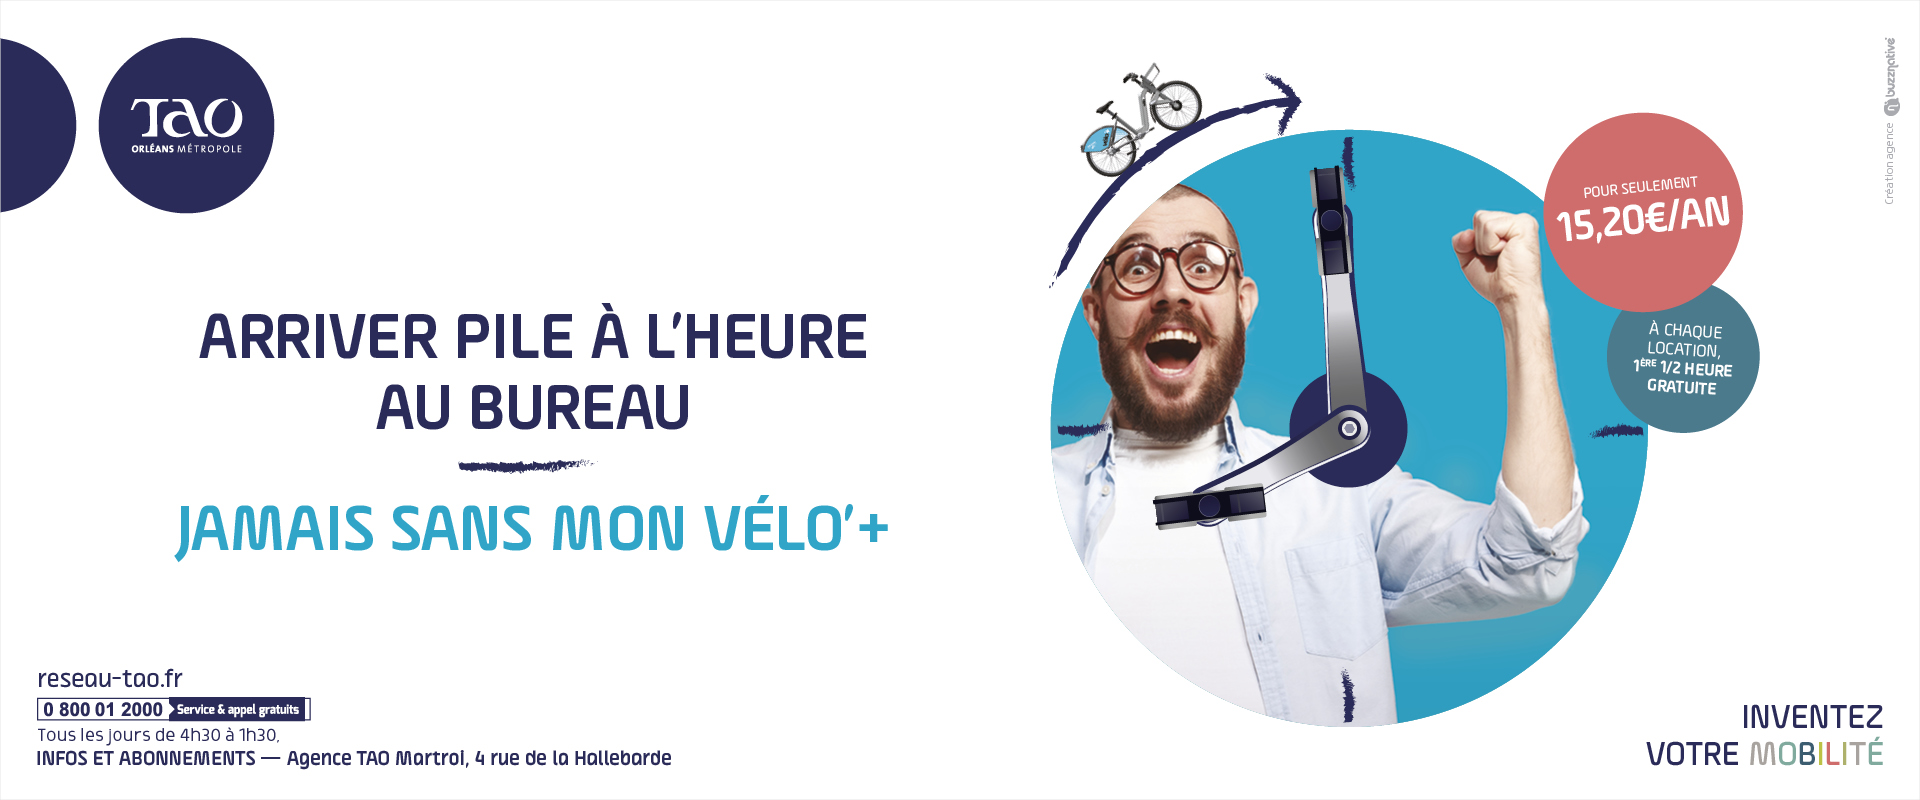 Campagne communication TAO Orléans Métropole Flash Ticket par agence publicité Buzznative